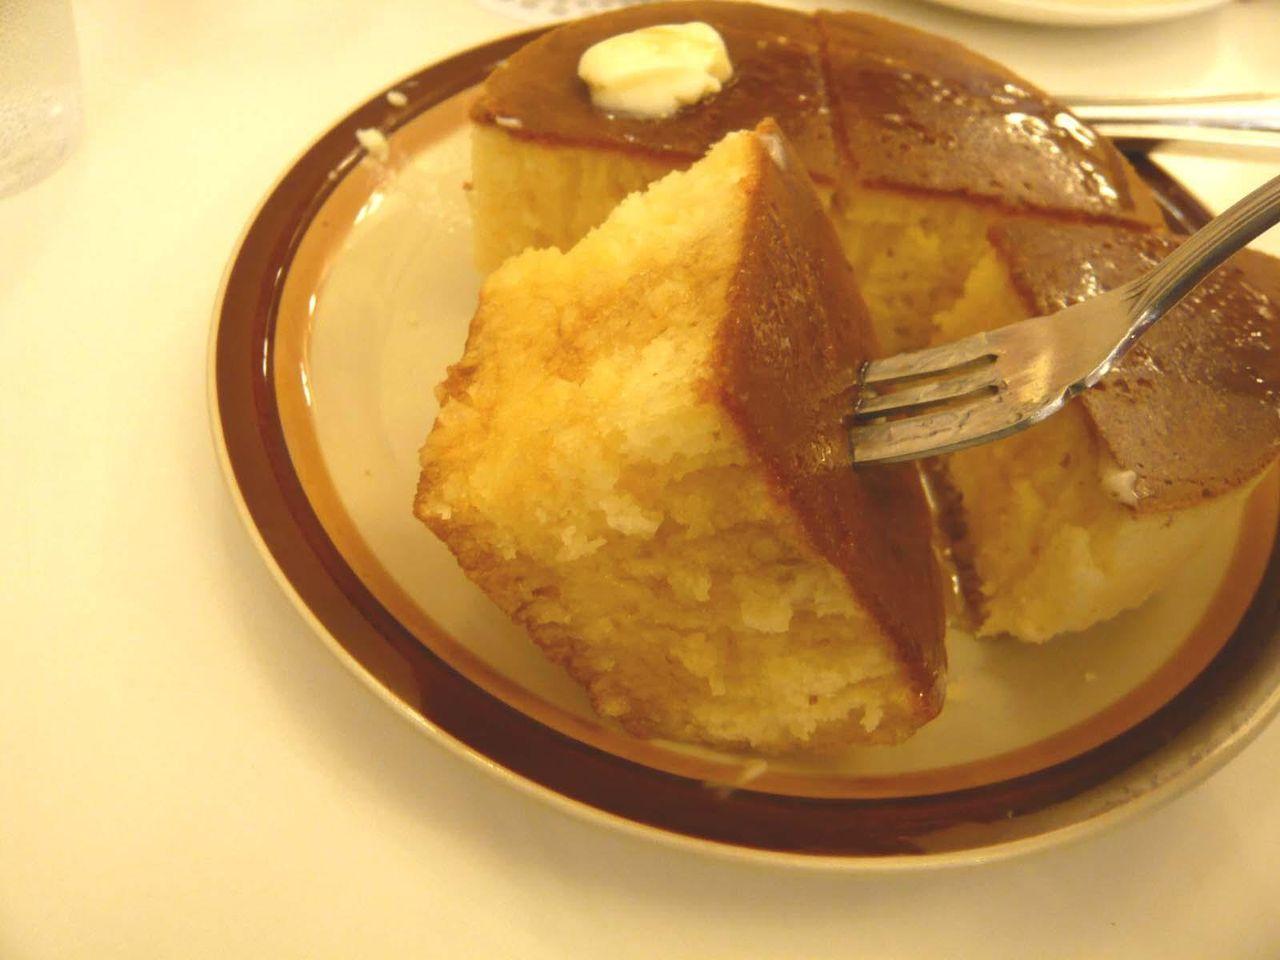 分厚いホットケーキは、食べ応え十分です!